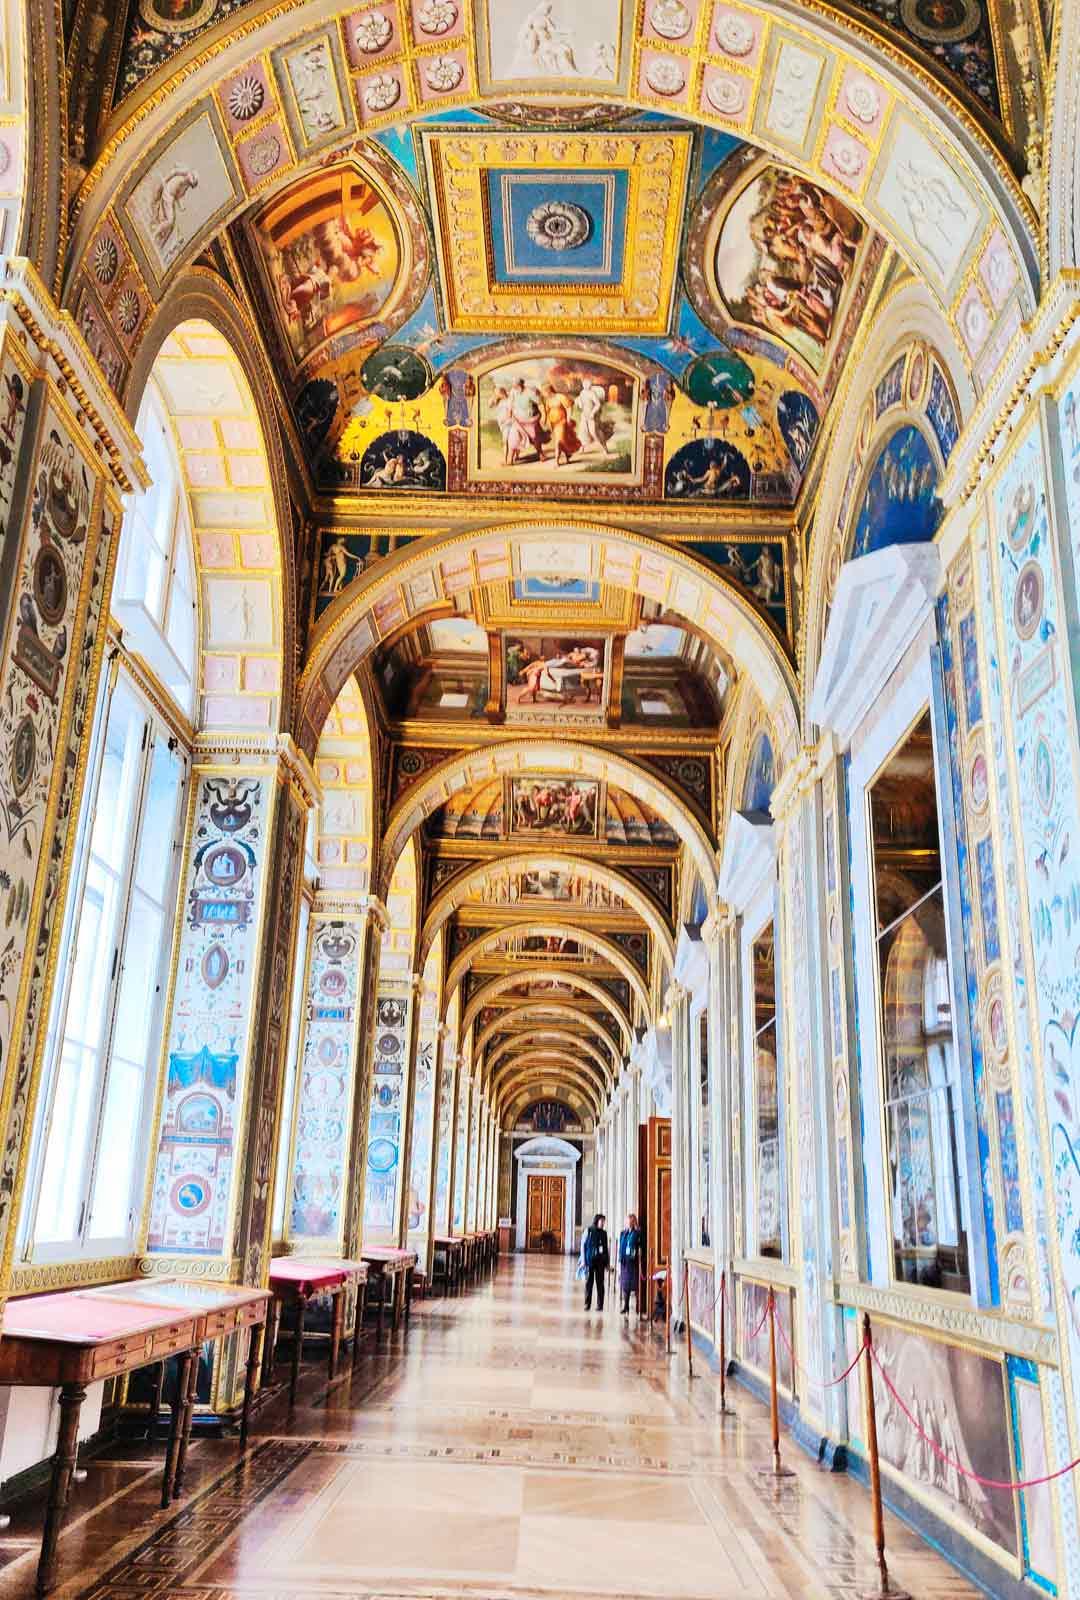 Keisariperheen edustus- ja asuinrakennus Eremitaaši on nykyään yksi maailman suurimmista taidemuseoista. Sen kokoelmissa on yli kolme miljoonaa taideteosta, joista vain pieni osa on esillä.